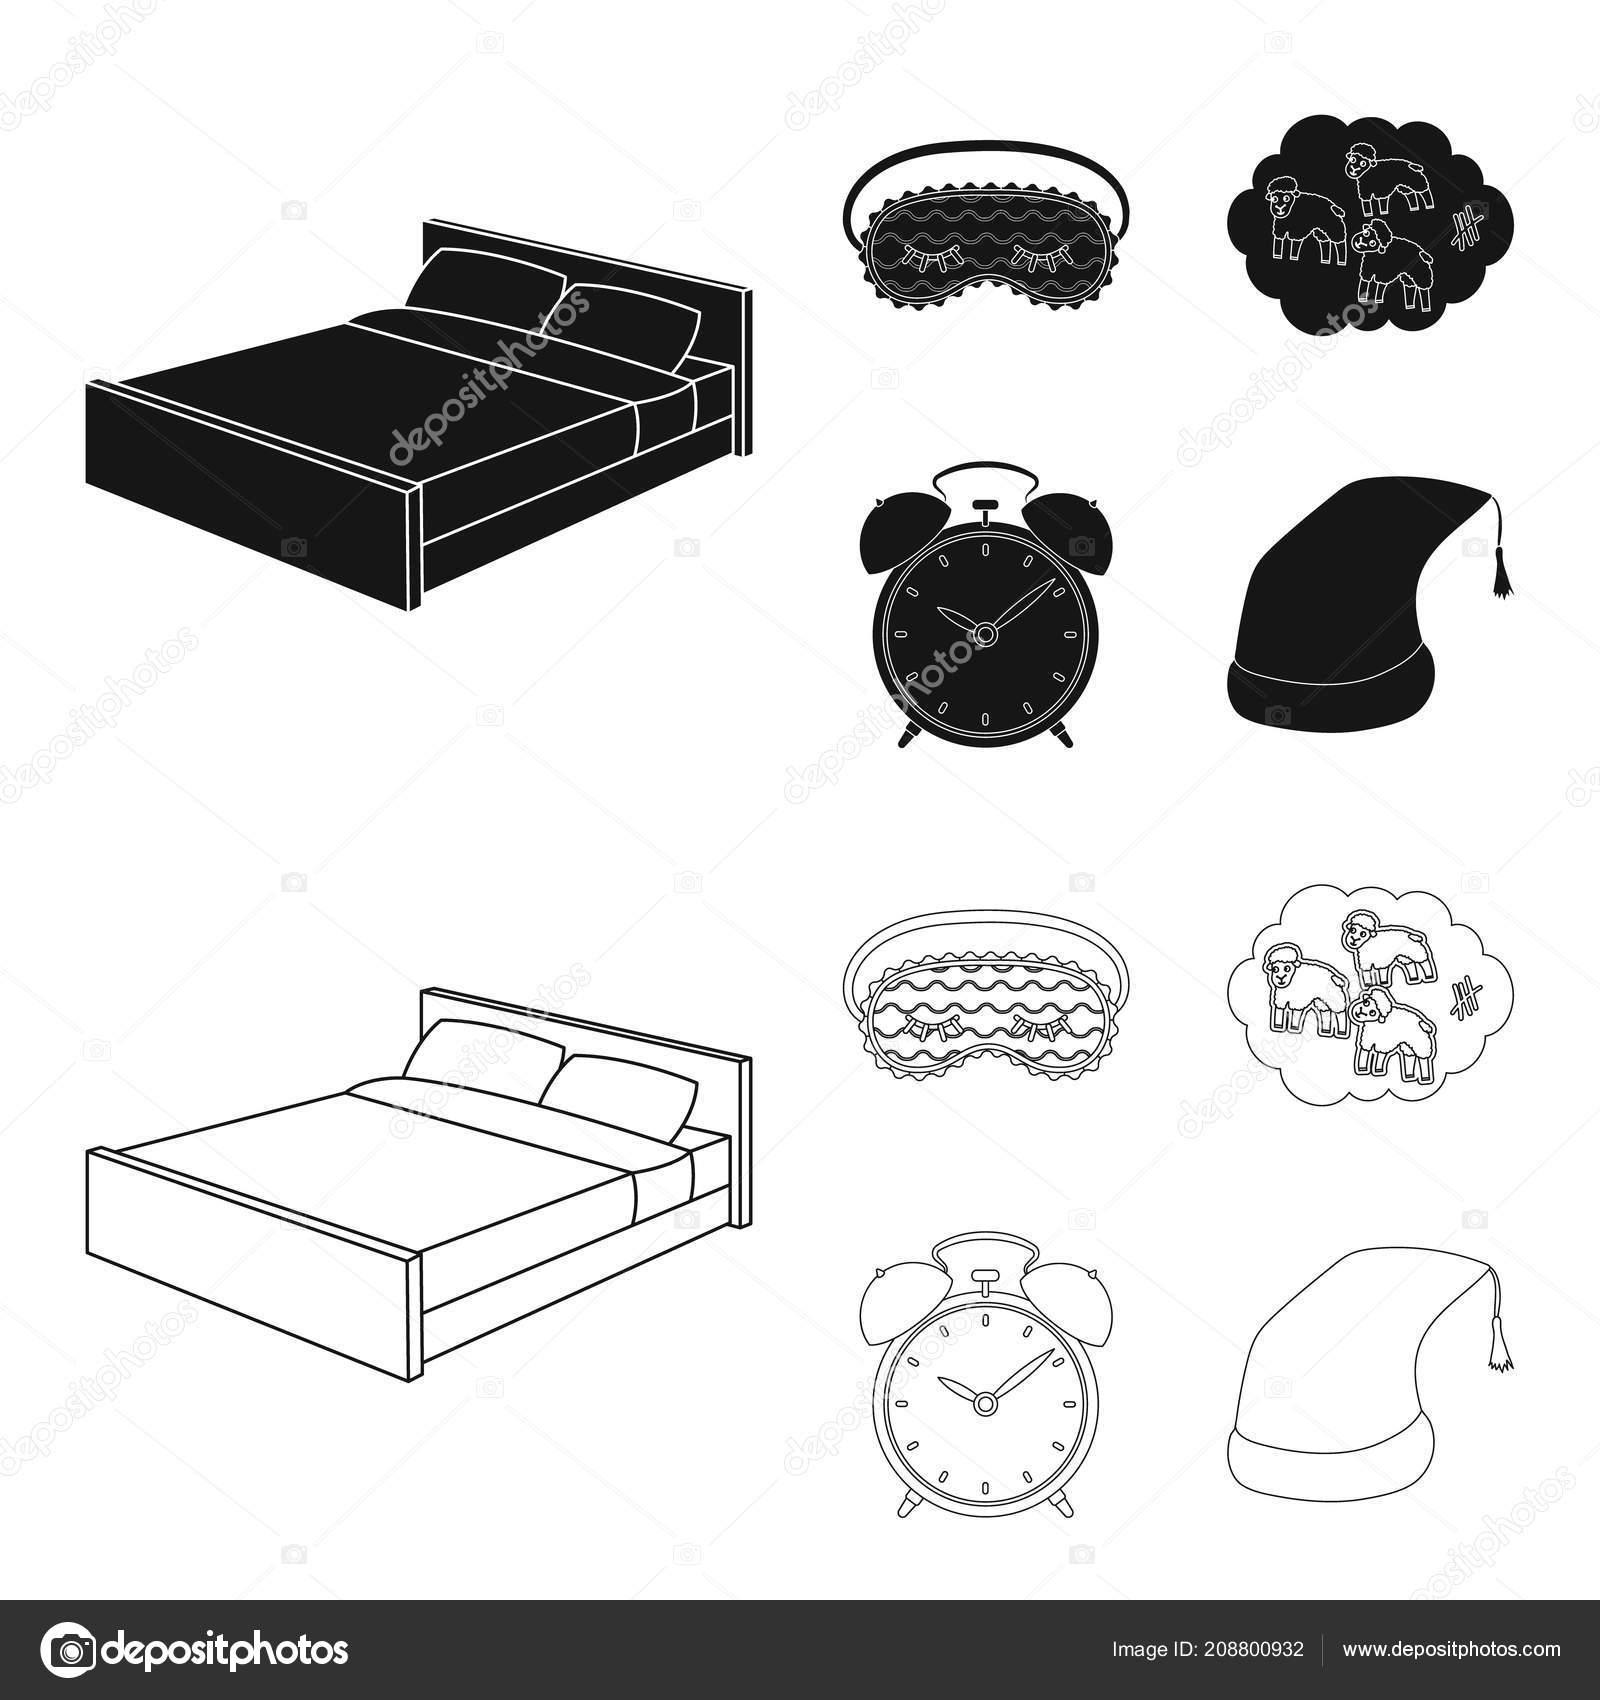 Ein Bett Eine Augenbinde Rams Wecker Zu Zählen Ruhe Und Schlaf